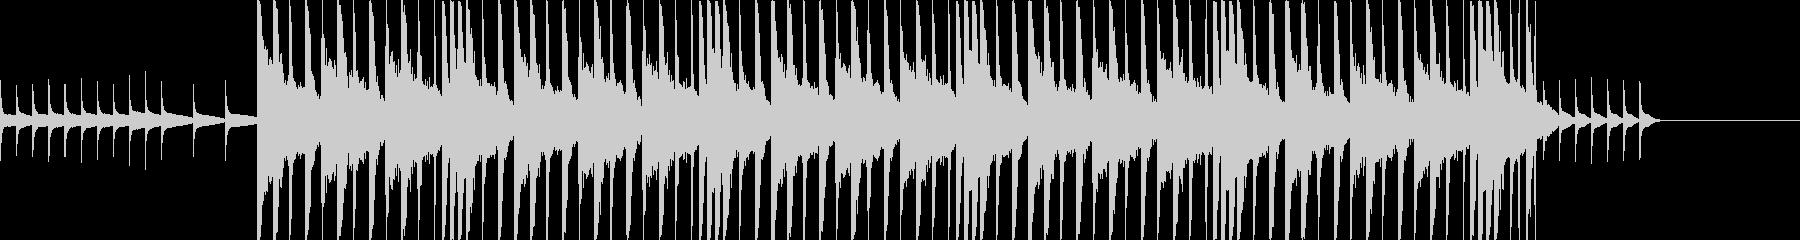 オルゴールの旋律がエモいの未再生の波形